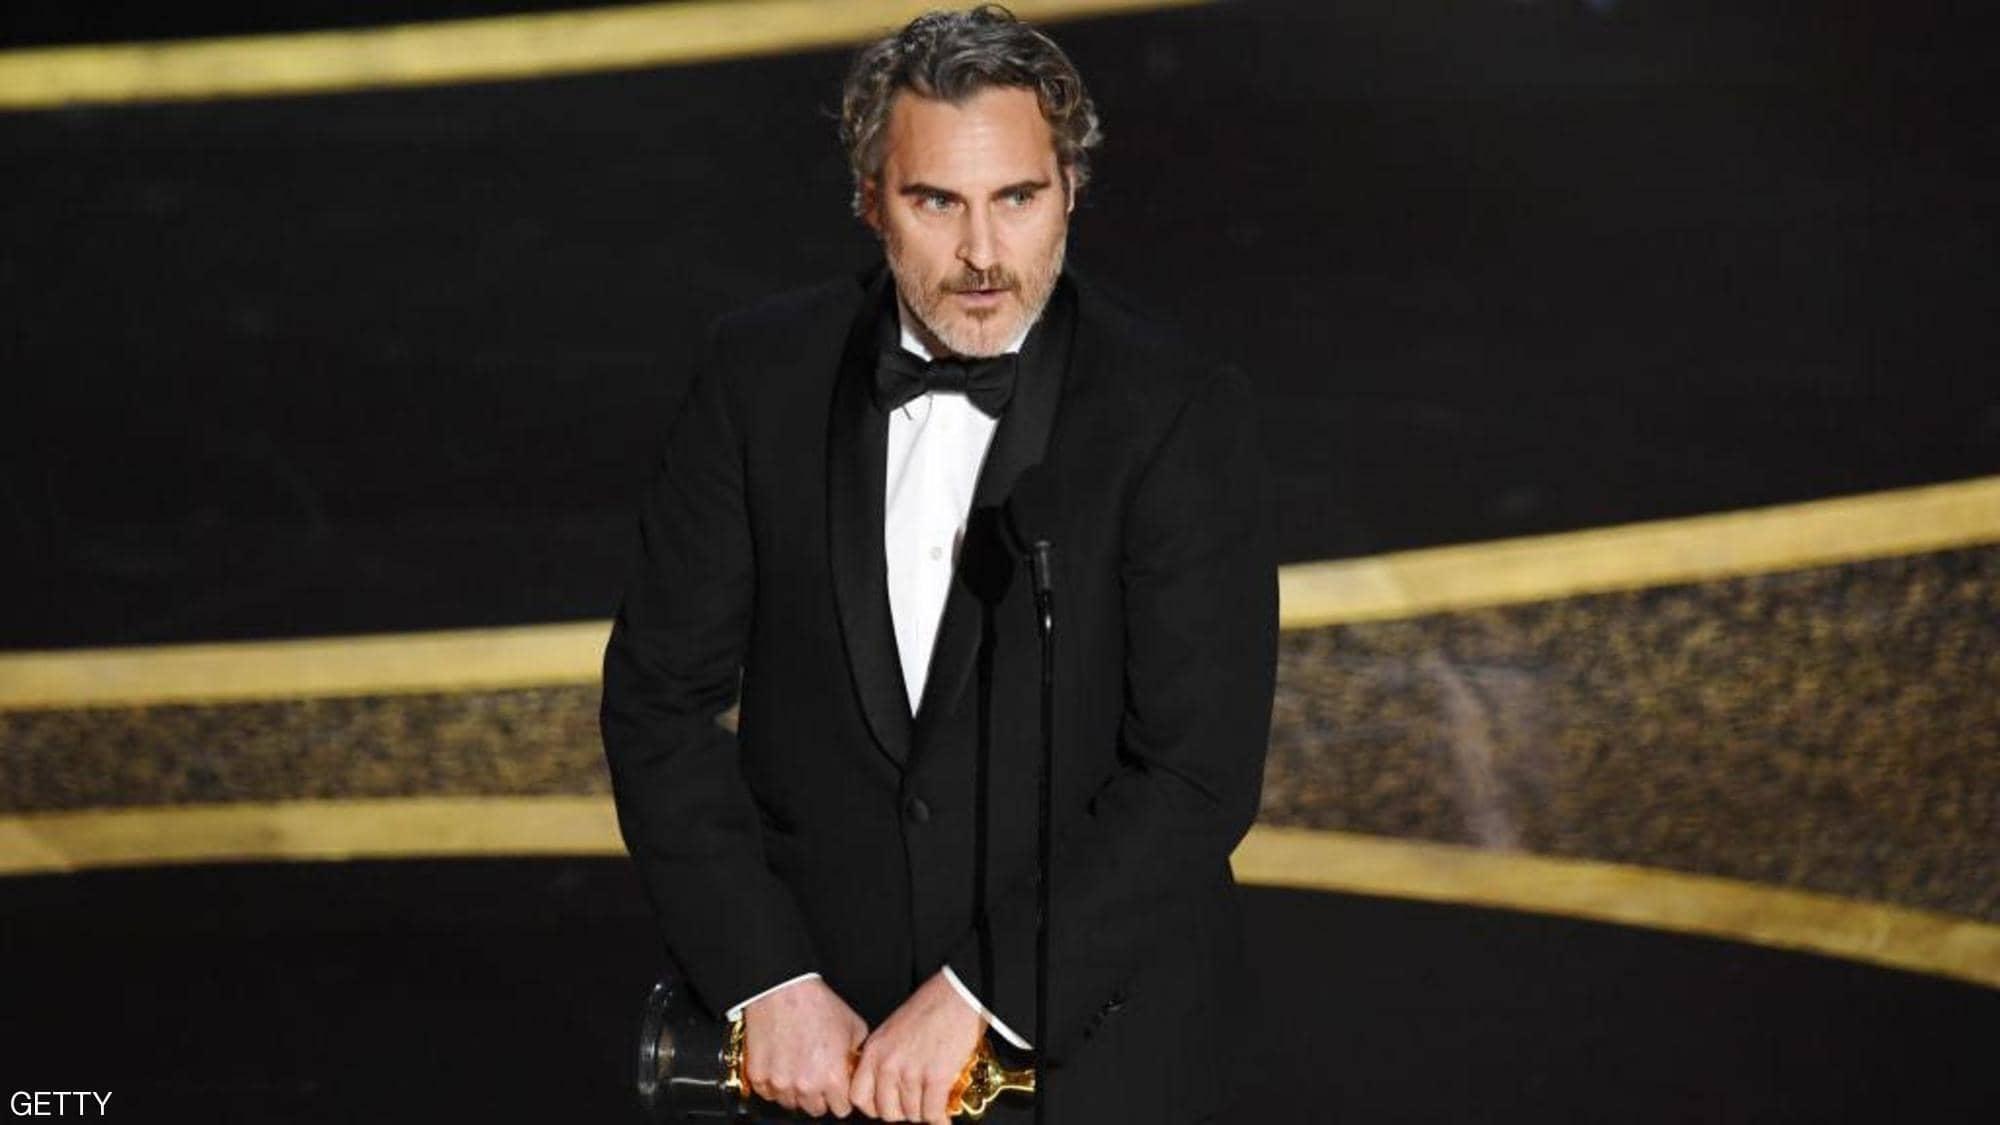 Phoenix won an Academy Award for Best Actor